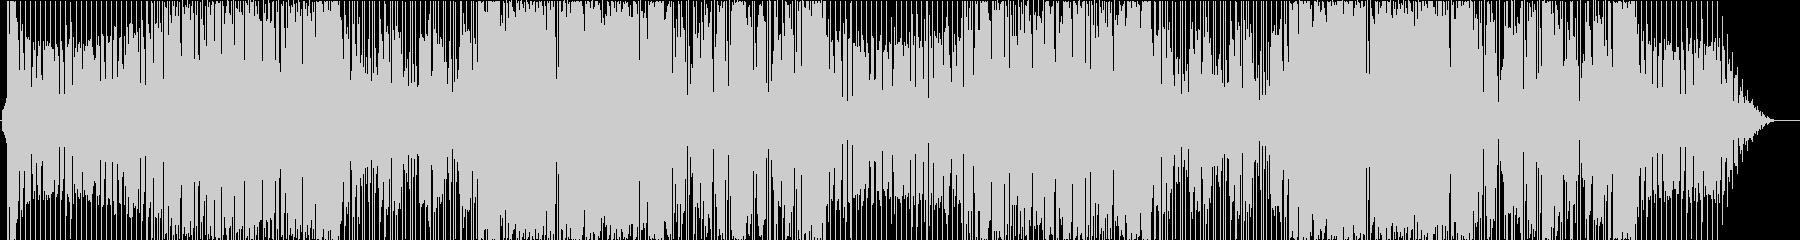 ループ可シンセを交えたハードロックの未再生の波形